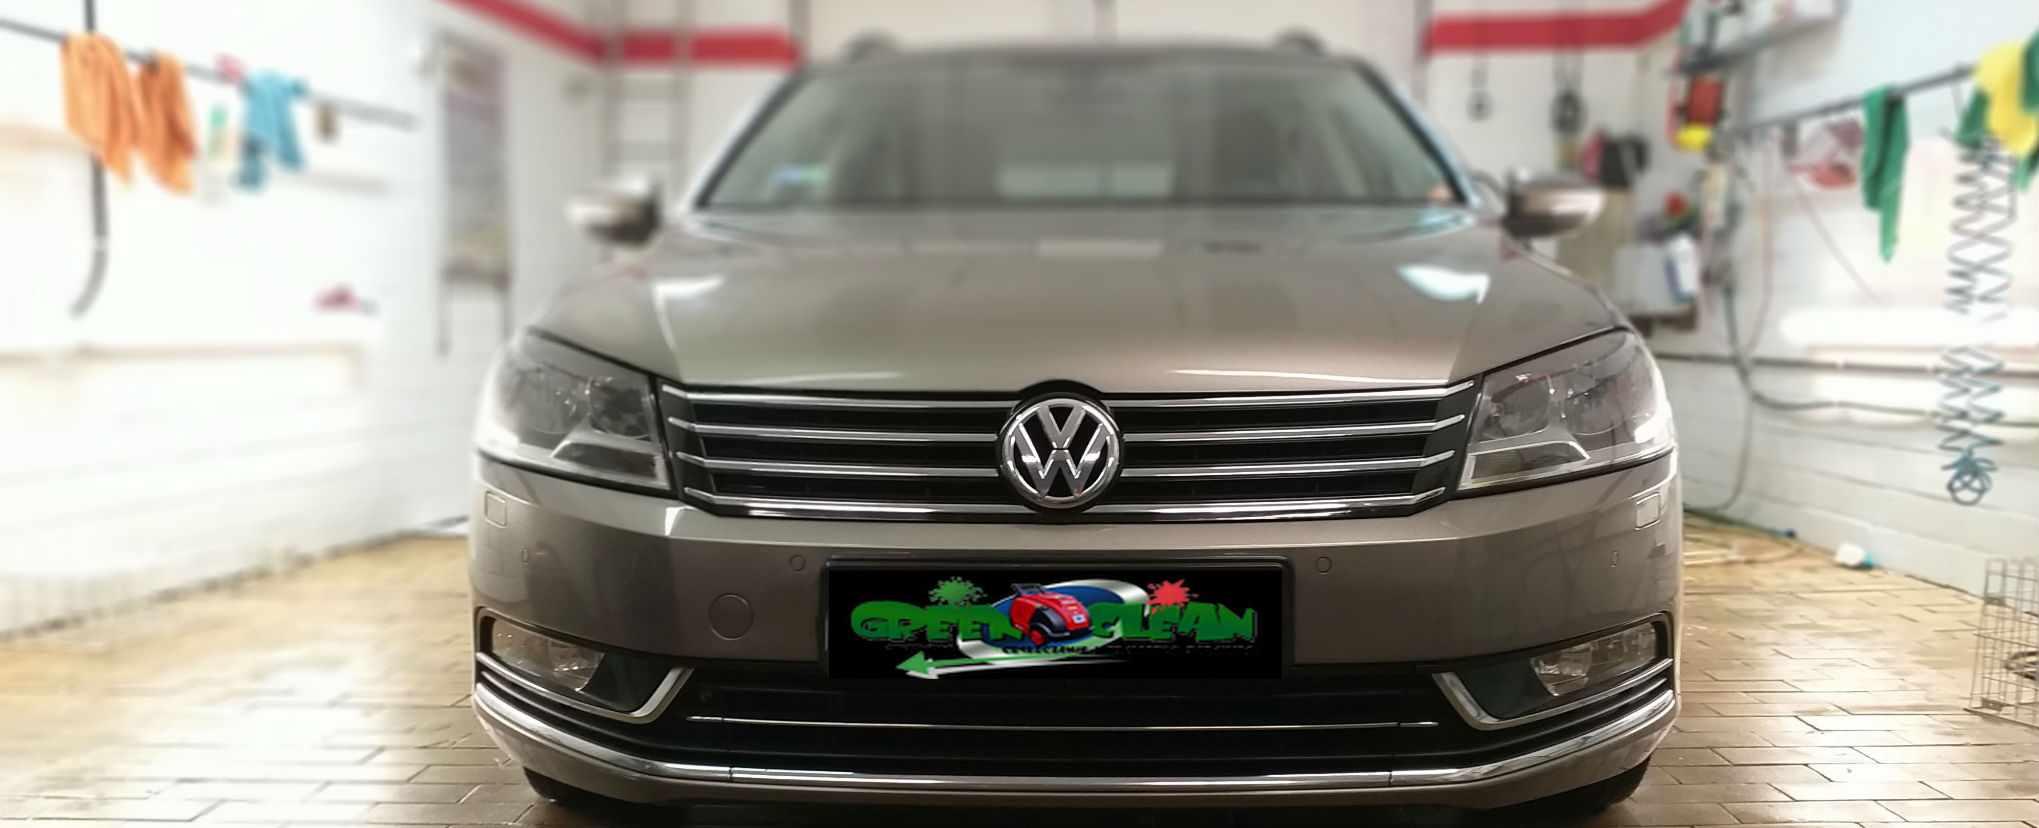 W Trosce o naszego Klienta Green-Clean Auto Myjnia Racibórz wprowadza nowe rozwiązania. Do naszych standardowych usług dochodzą usługi Auto Detailingowe. Rozszerzymy także usługi specjalistyczne dla Firm i Instytucji wdrażając nowe profesjonalne i nowocześniejsze technologie o szczegółach i zmianach w ofercie oraz promocjach poinformujemy niebawem.